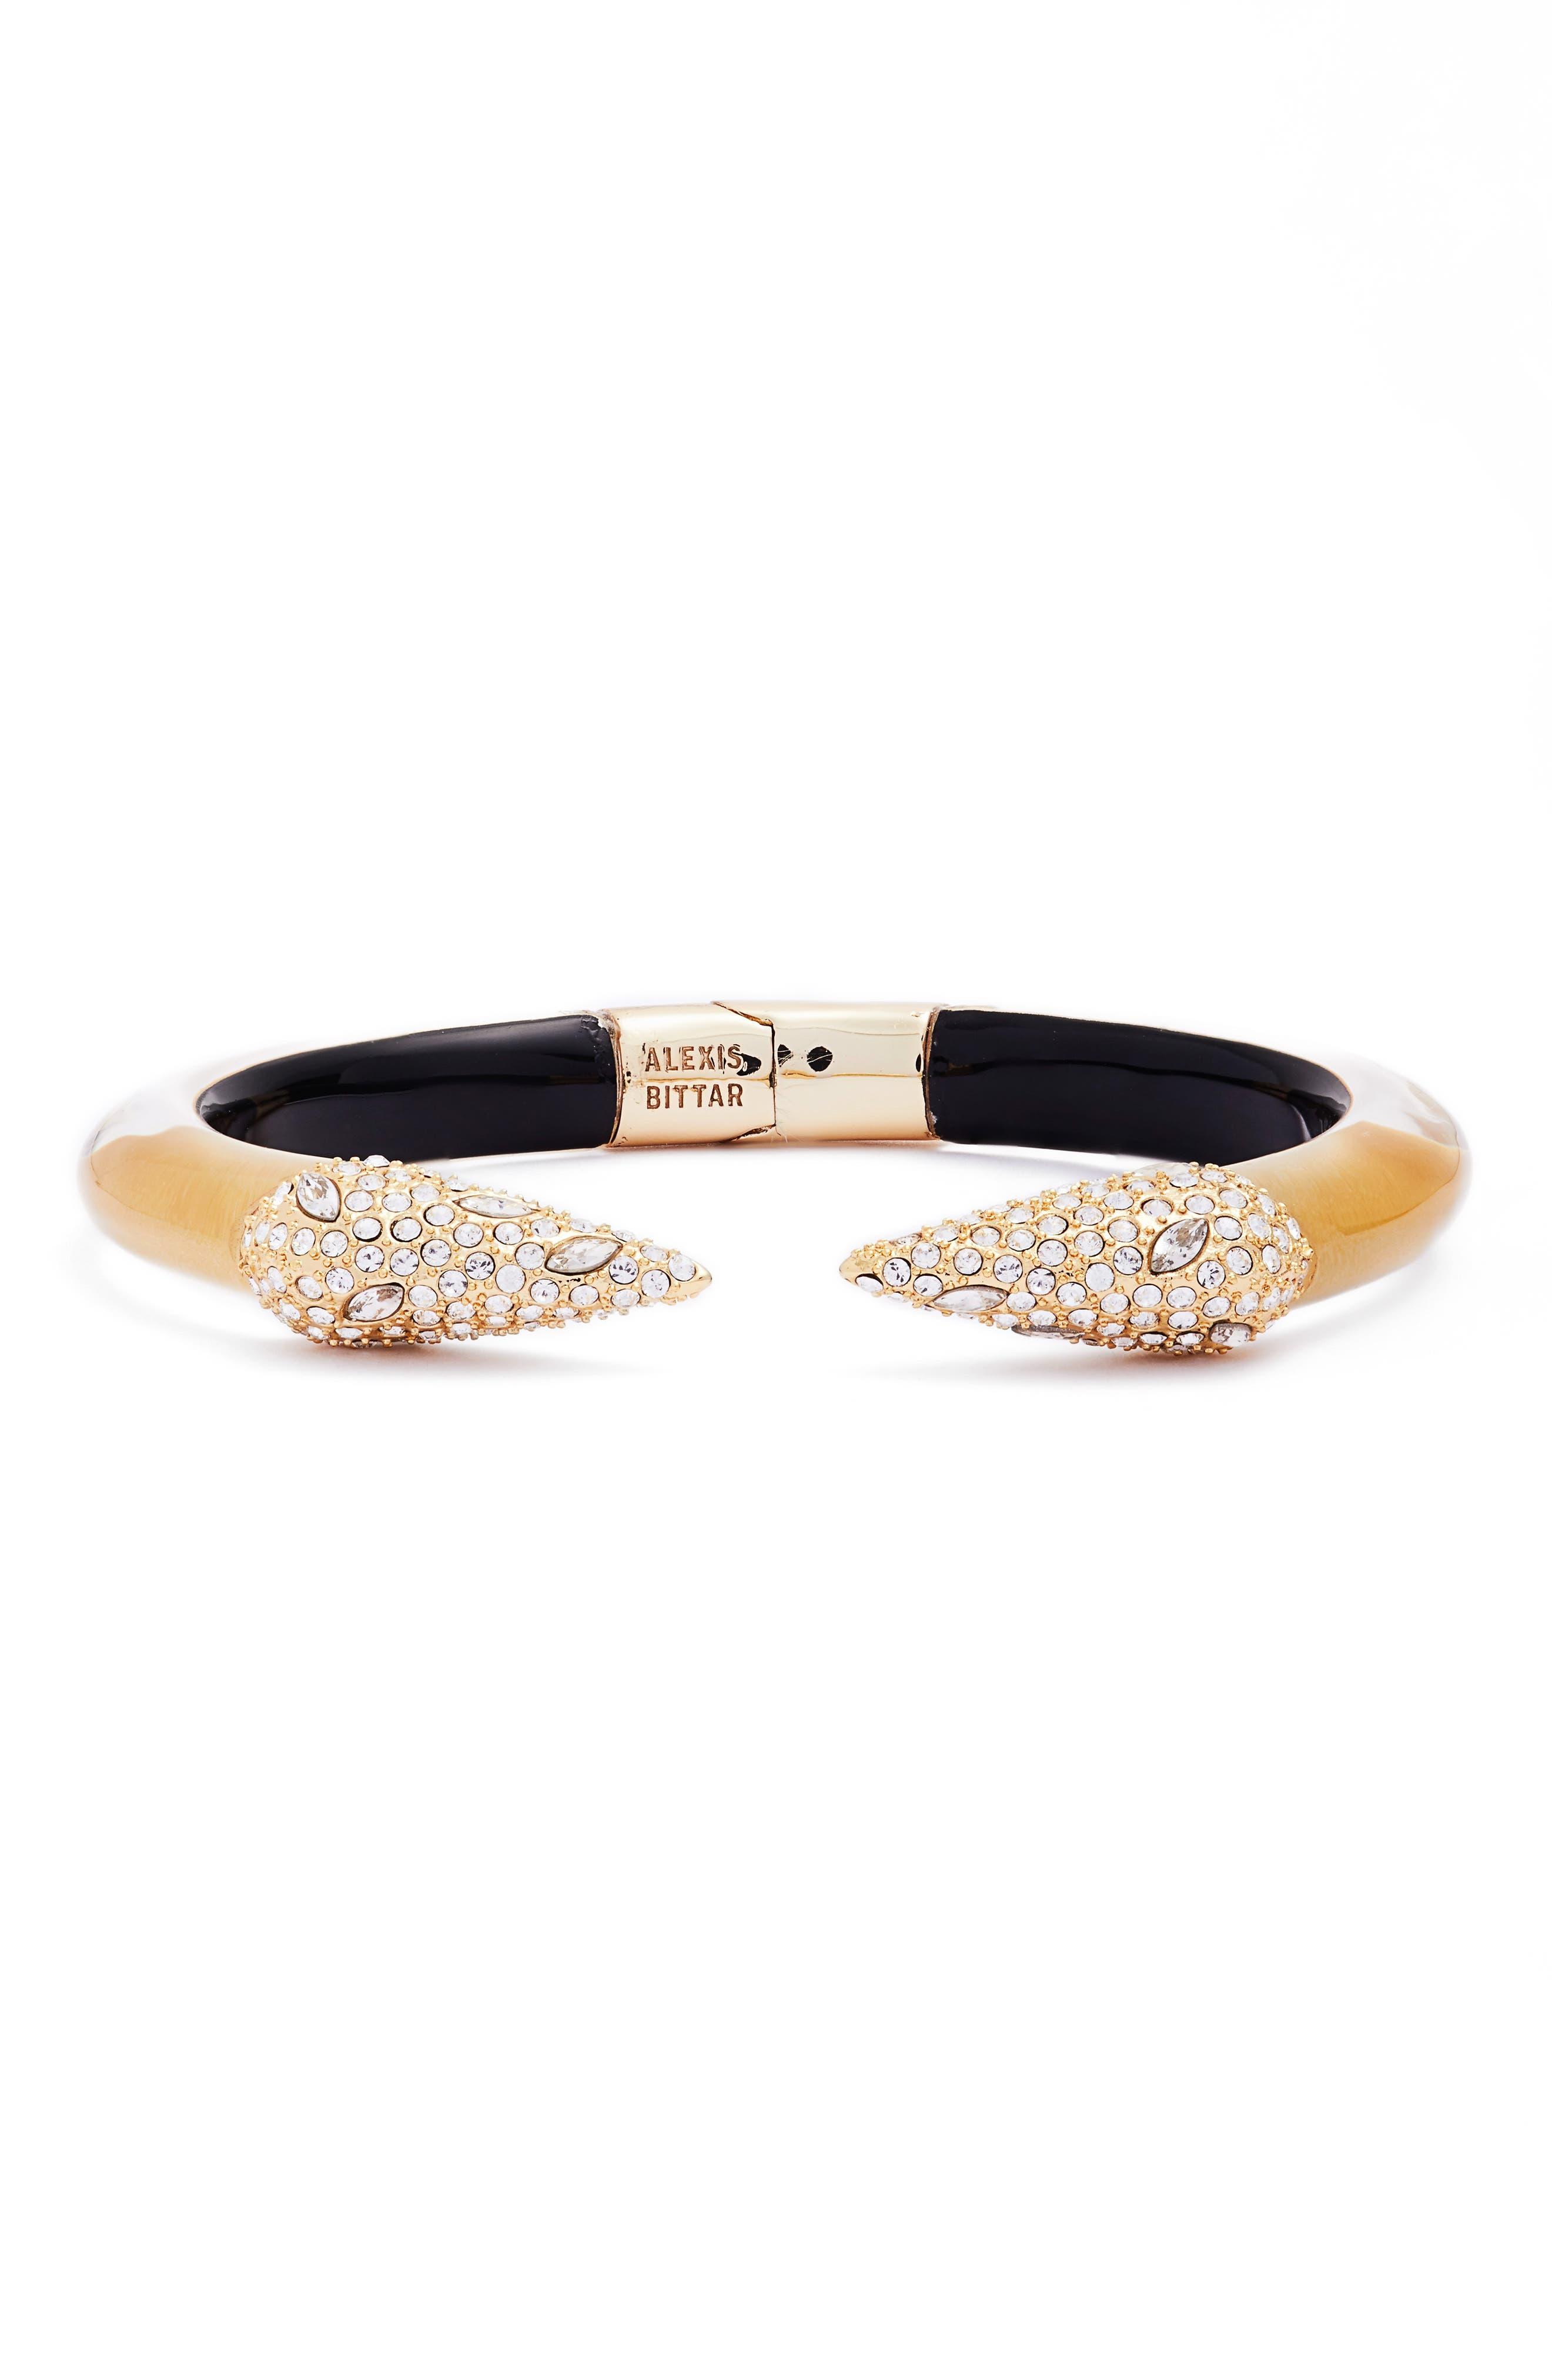 Alternate Image 1 Selected - Alexis Bittar Encrusted Hinge Bracelet